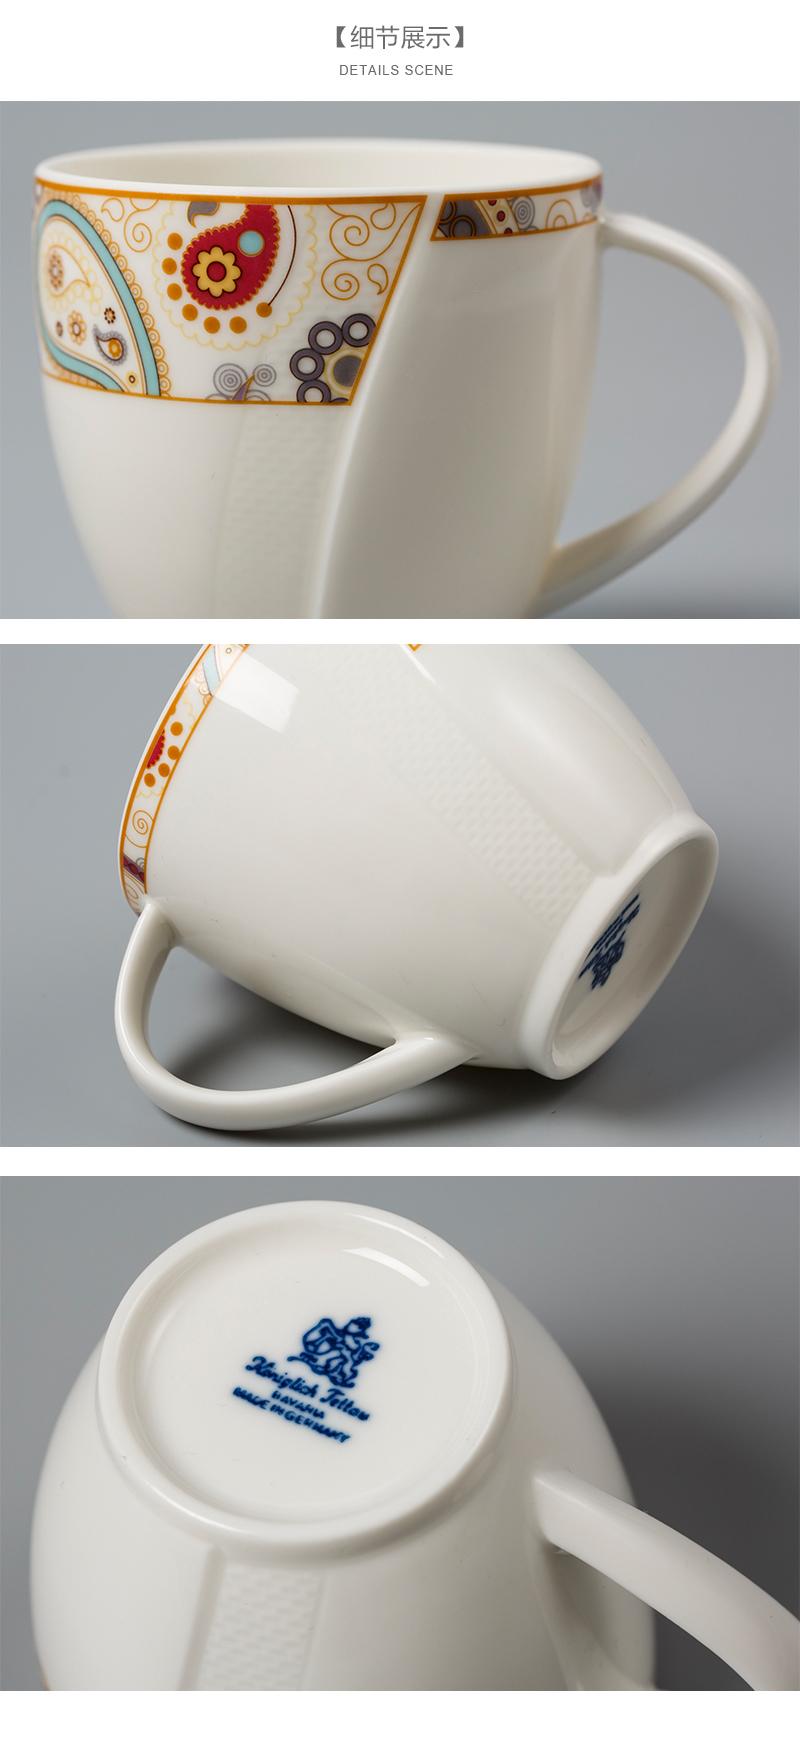 Seltmann Weiden佩斯利图案系列陶瓷咖啡杯细节展示